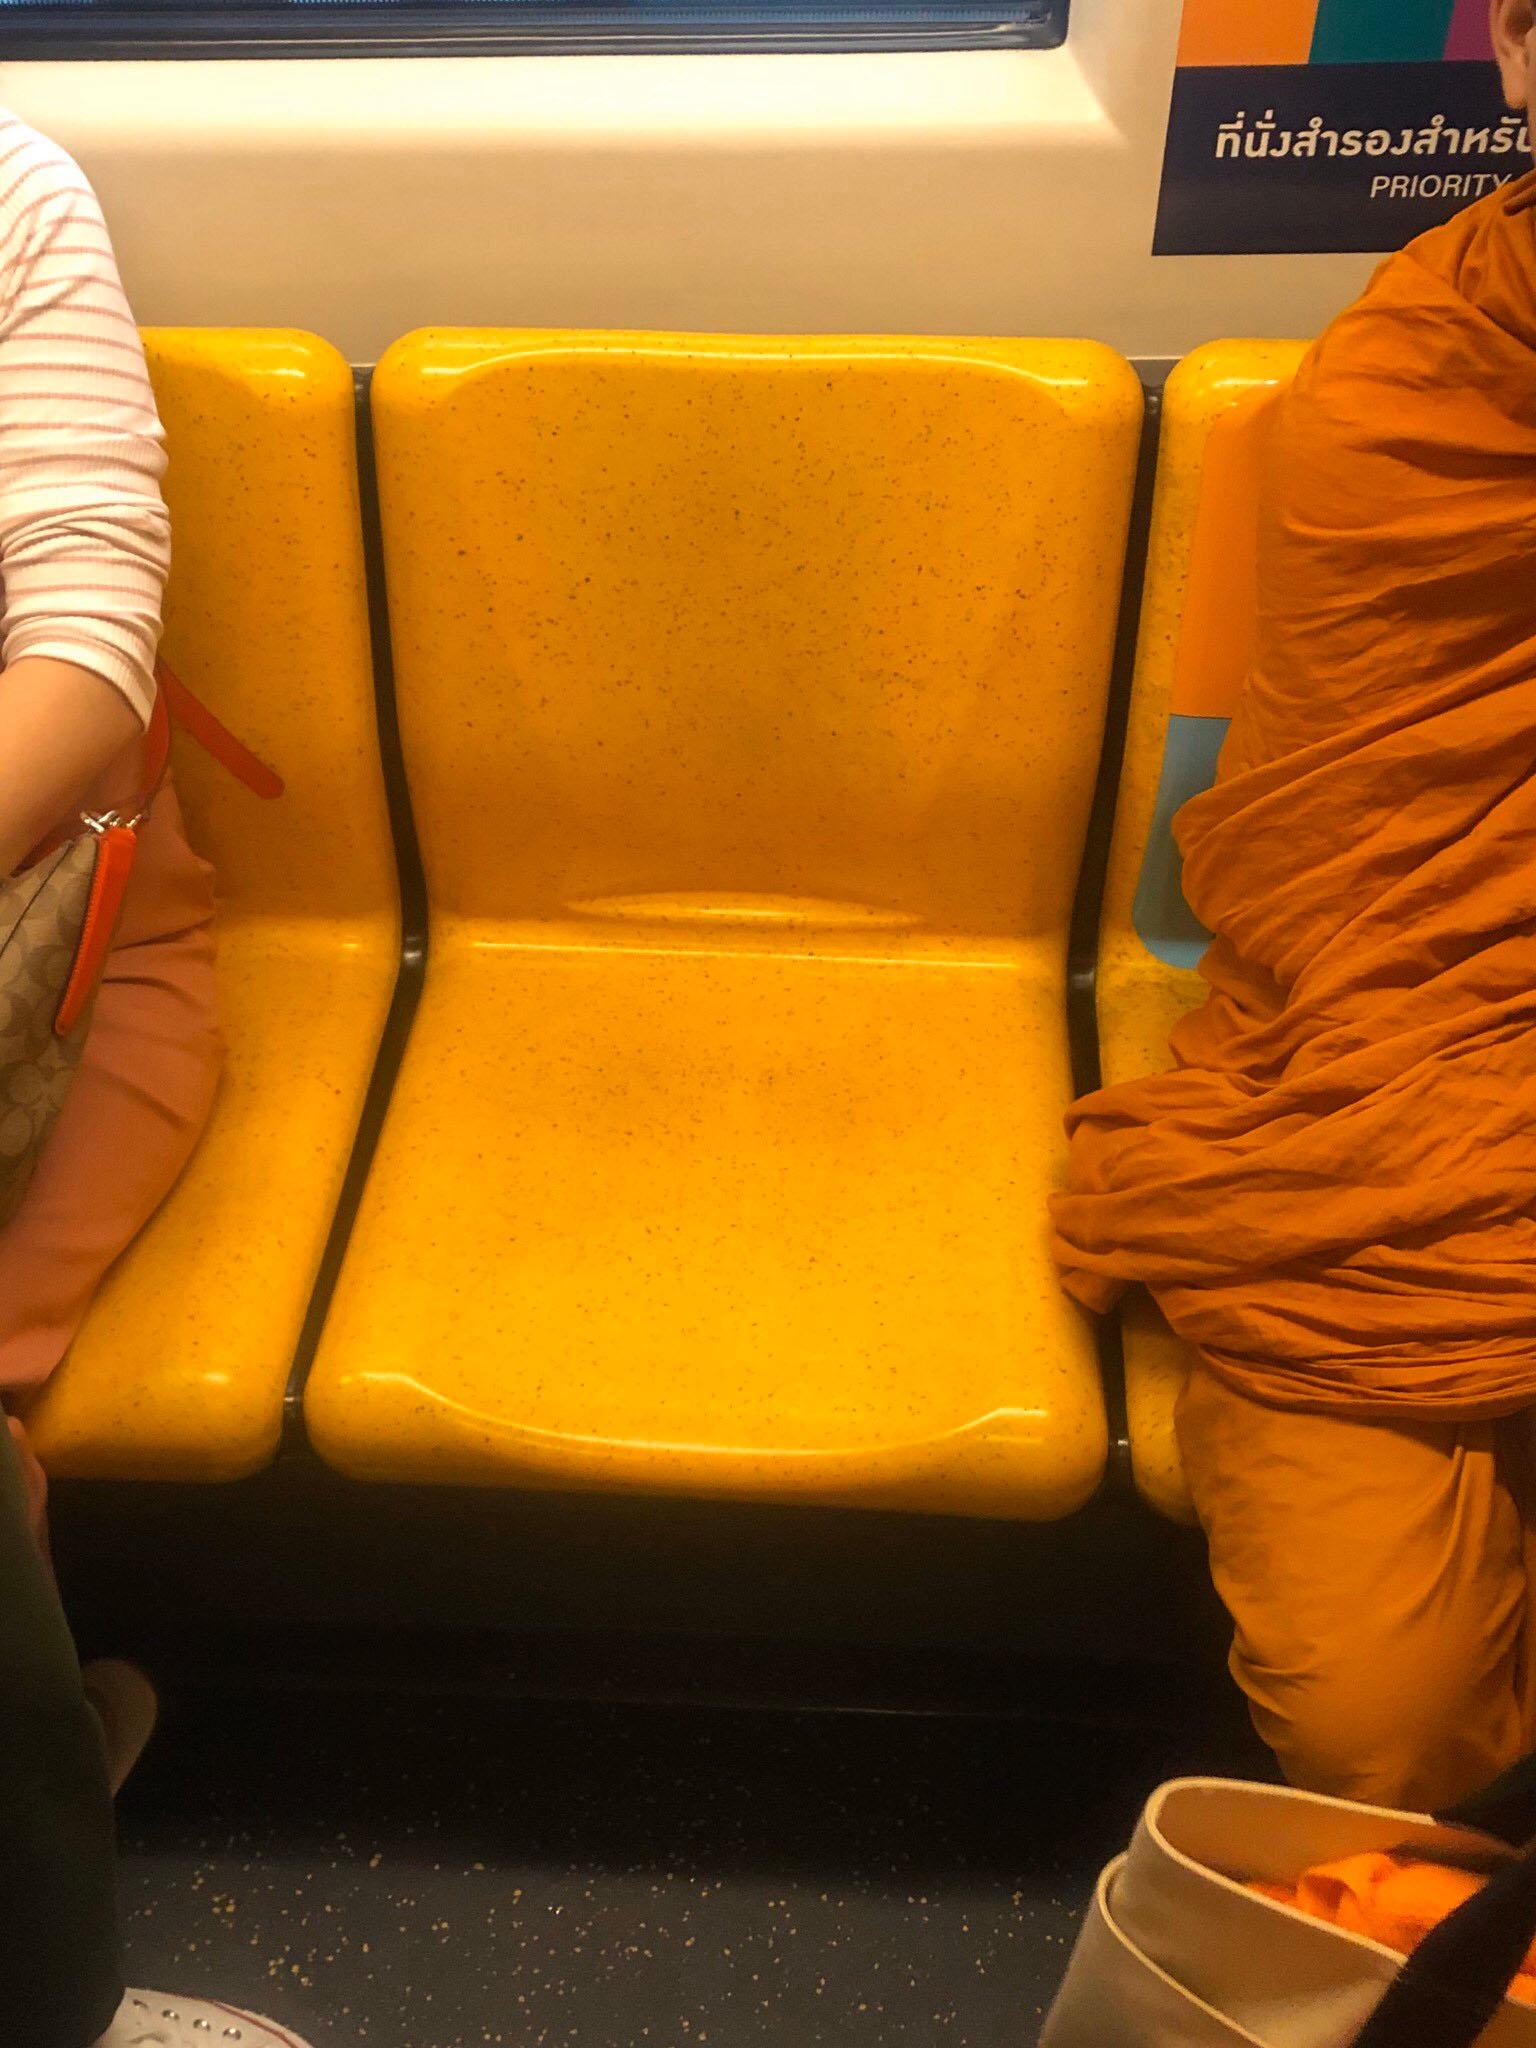 """สาวโพสต์ระบาย นั่งบีทีเอส """"ที่นั่งพิเศษ"""" พระขึ้นกลางทางโดนผู้โดยสารไล่"""